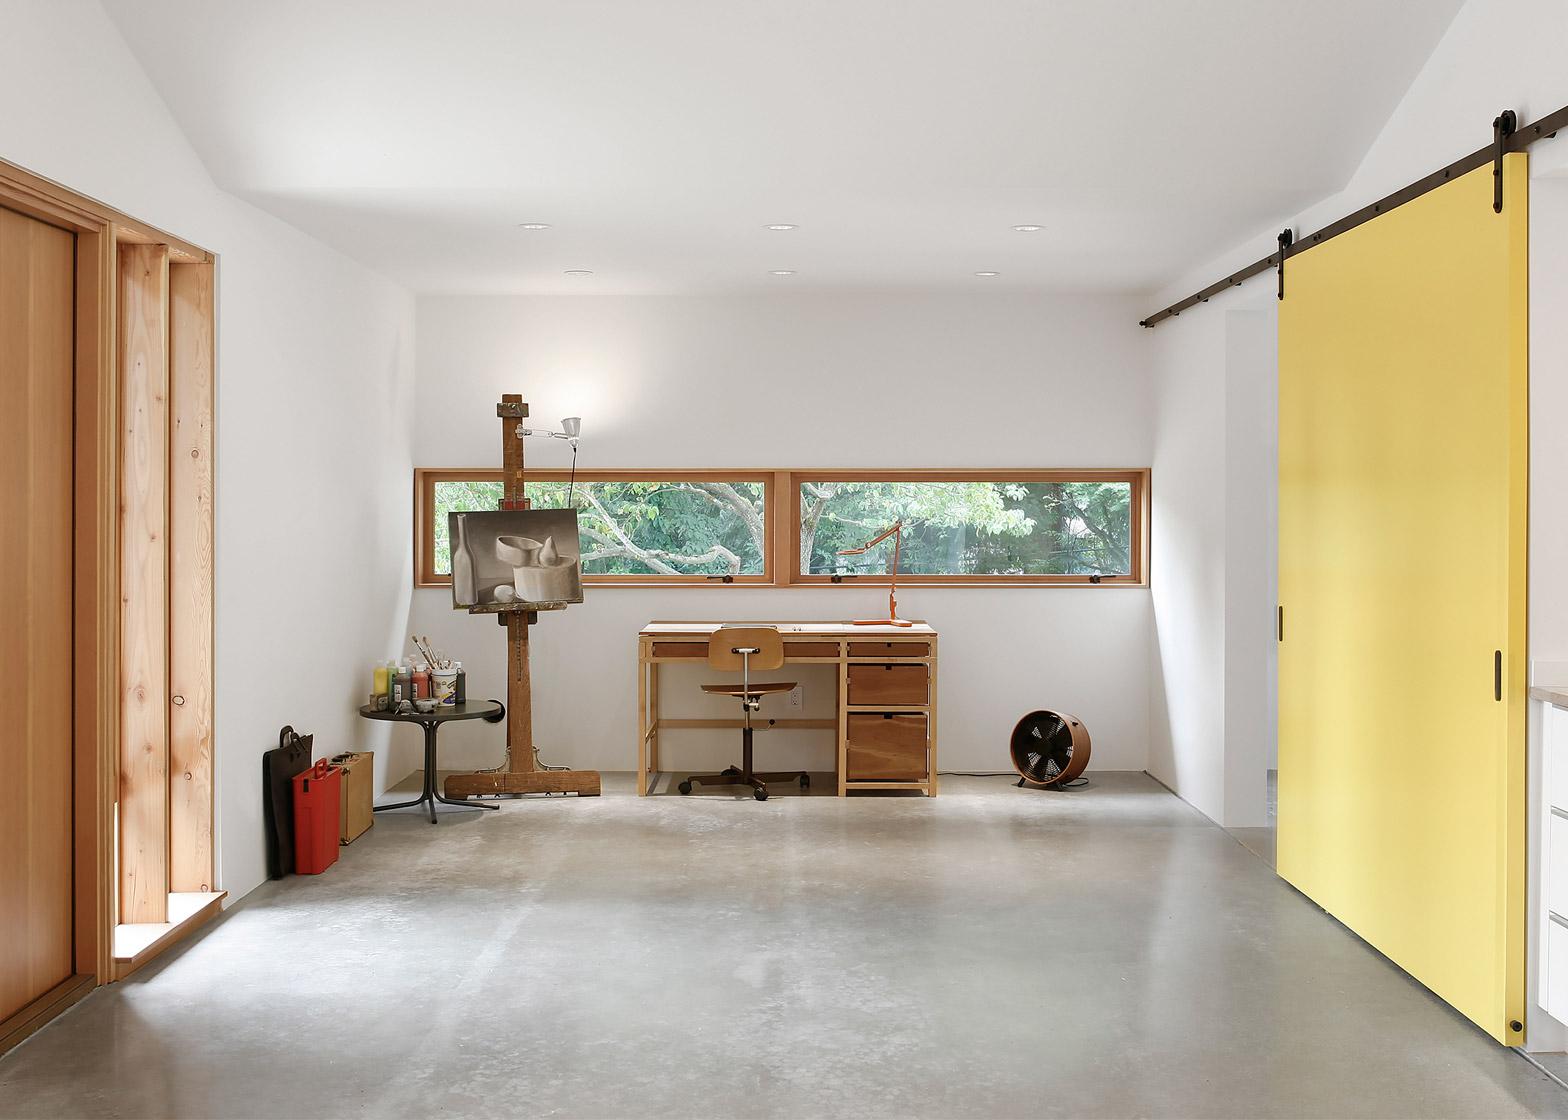 03-antigo-estabulo-vira-um-lindo-estudio-e-casa-de-hospedes